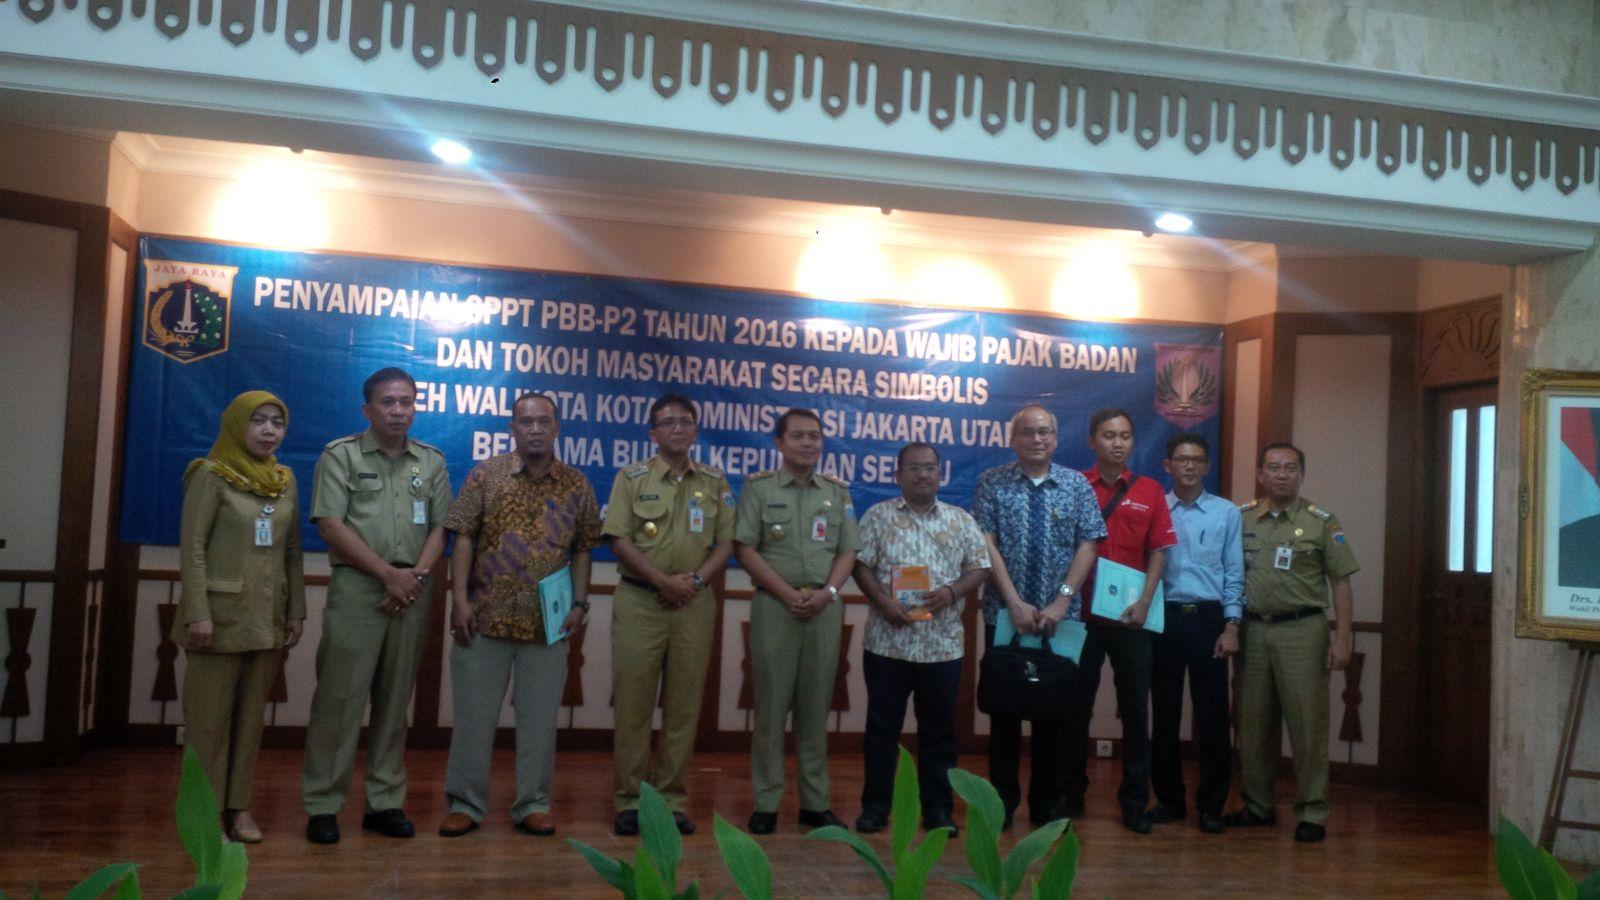 Penyampaian Sppt Pbb Walikota Utara Kabupaten Kepulauan Penyerahan P2 Tingkat